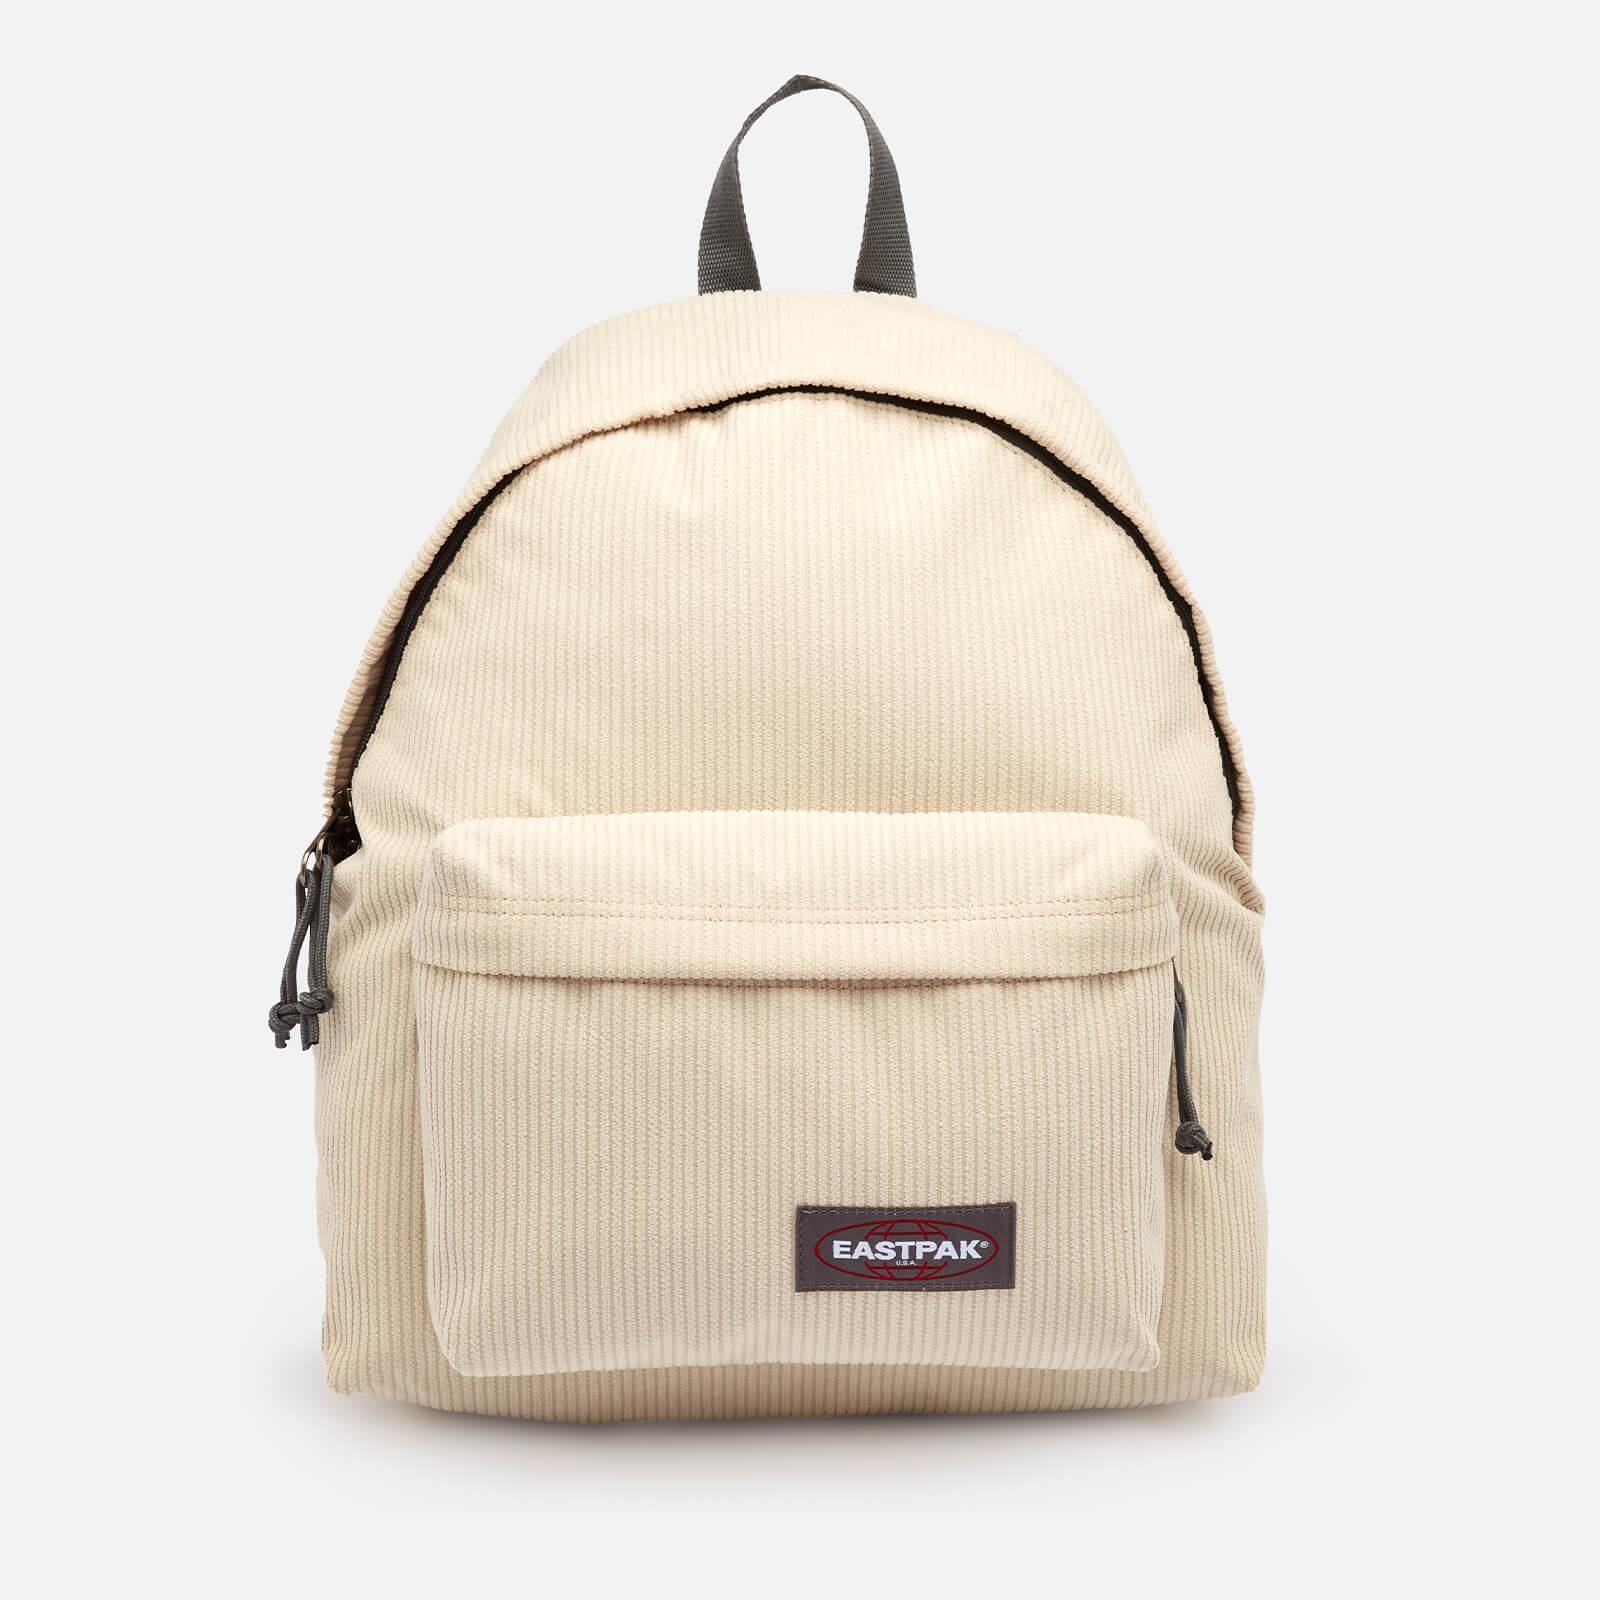 Eastpak Men's Padded Pak'r Backpack - Cords Sand